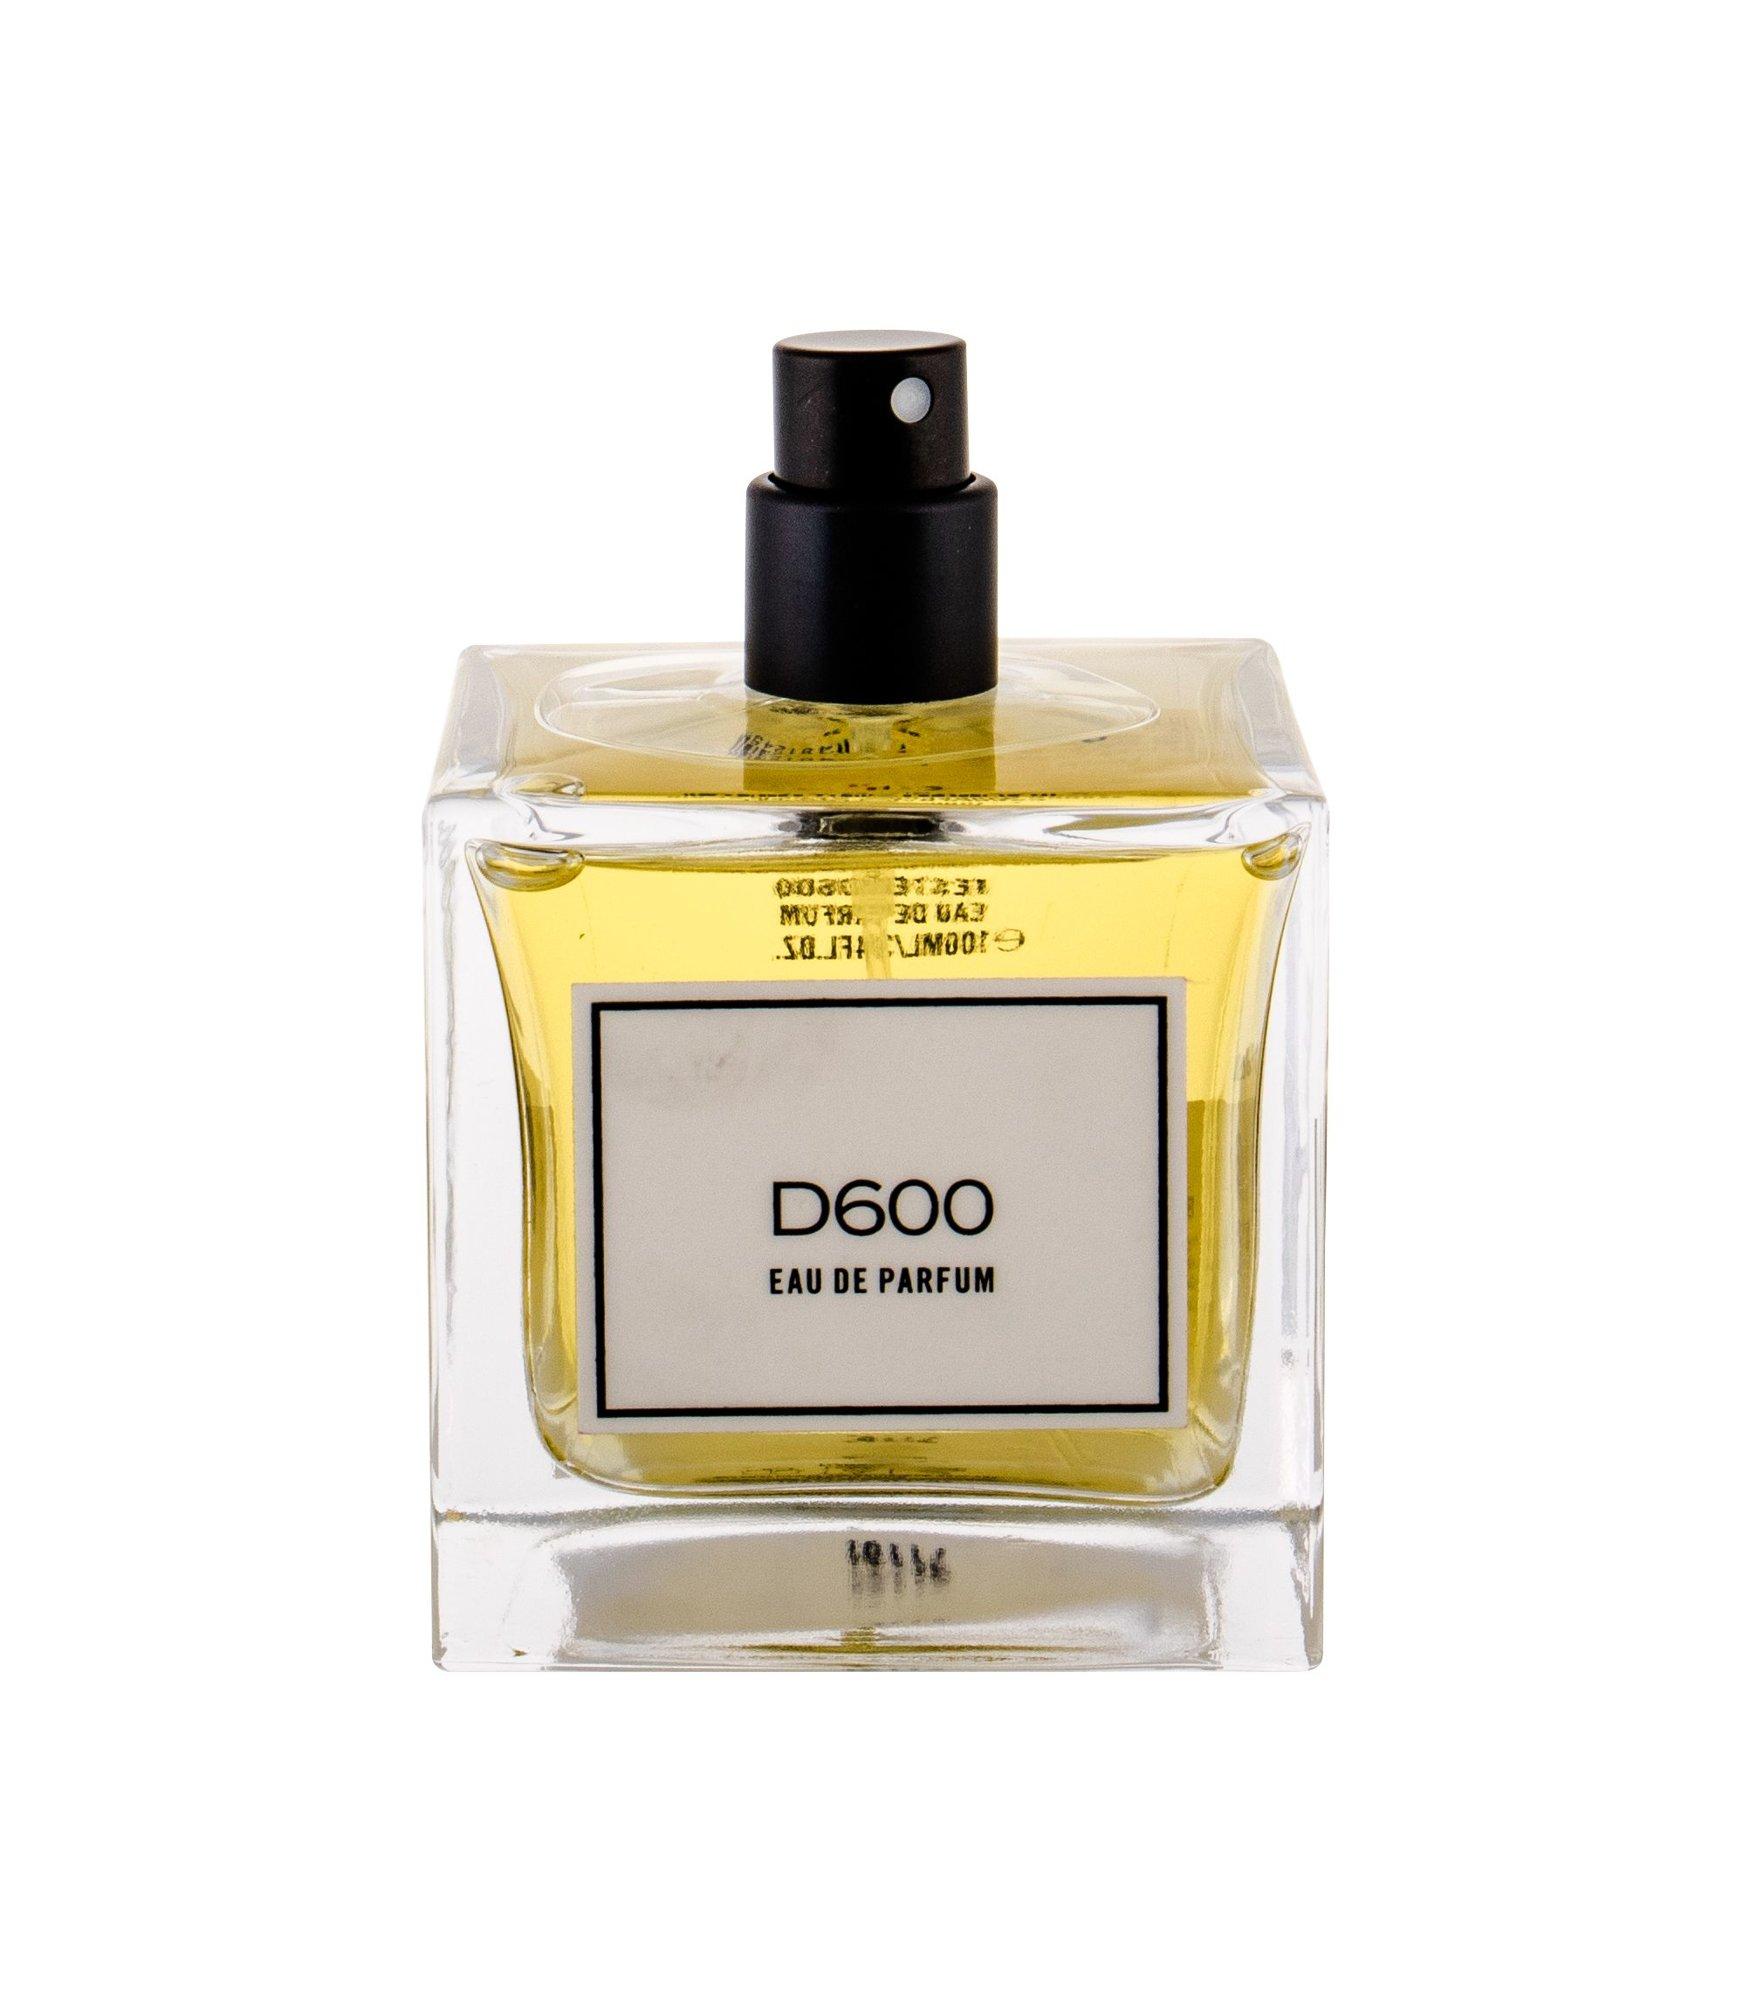 Carner Barcelona Woody Collection Eau de Parfum 50ml  D600